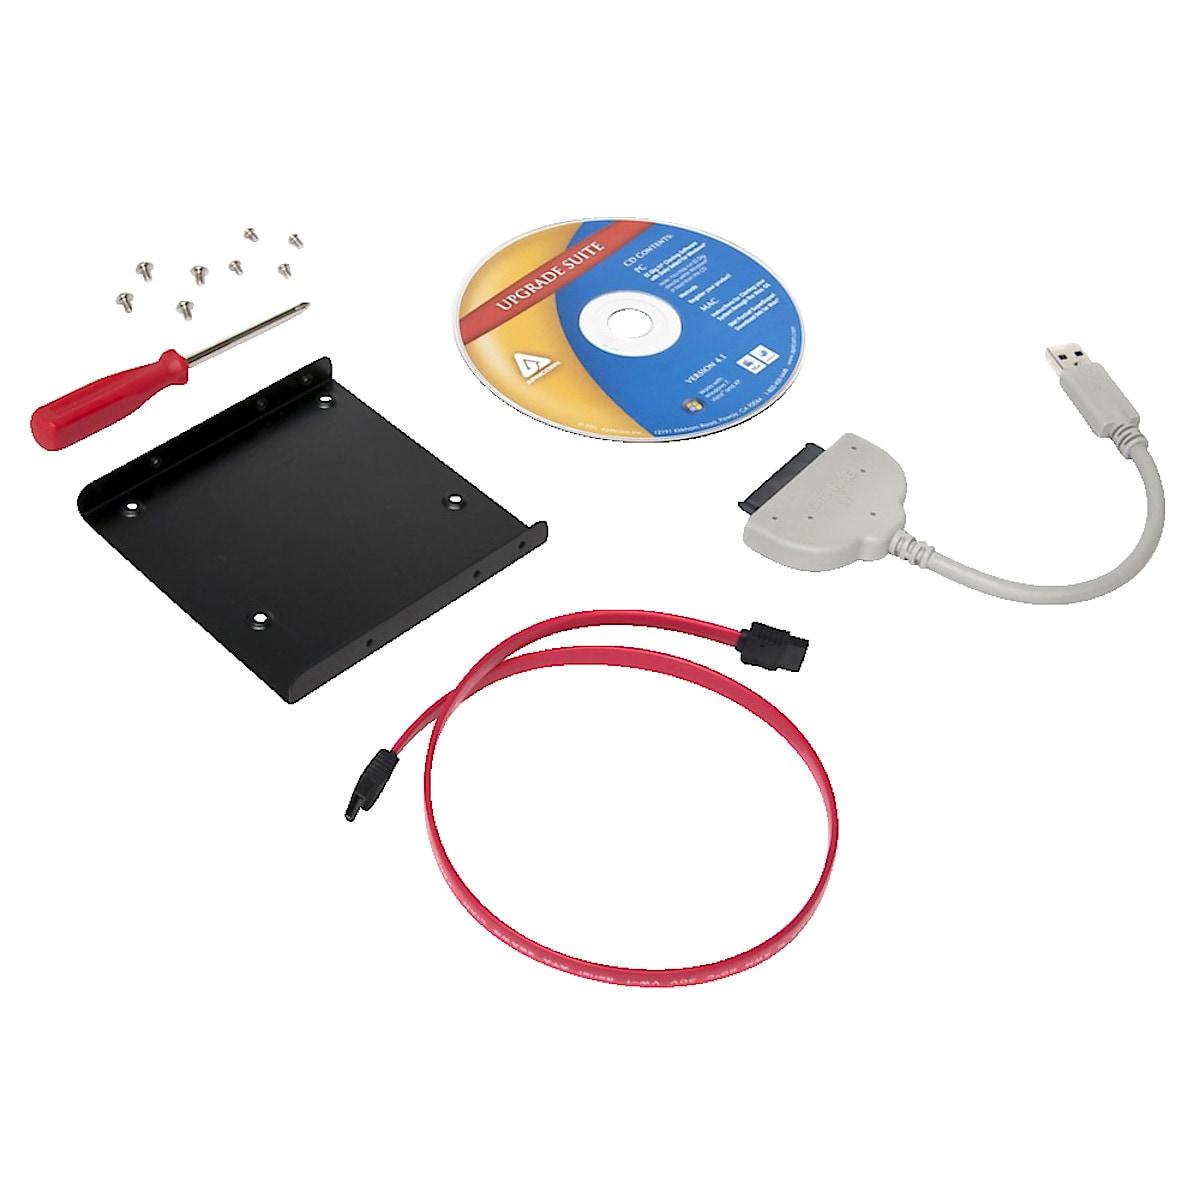 Konvertierungskit SSD Sandisk